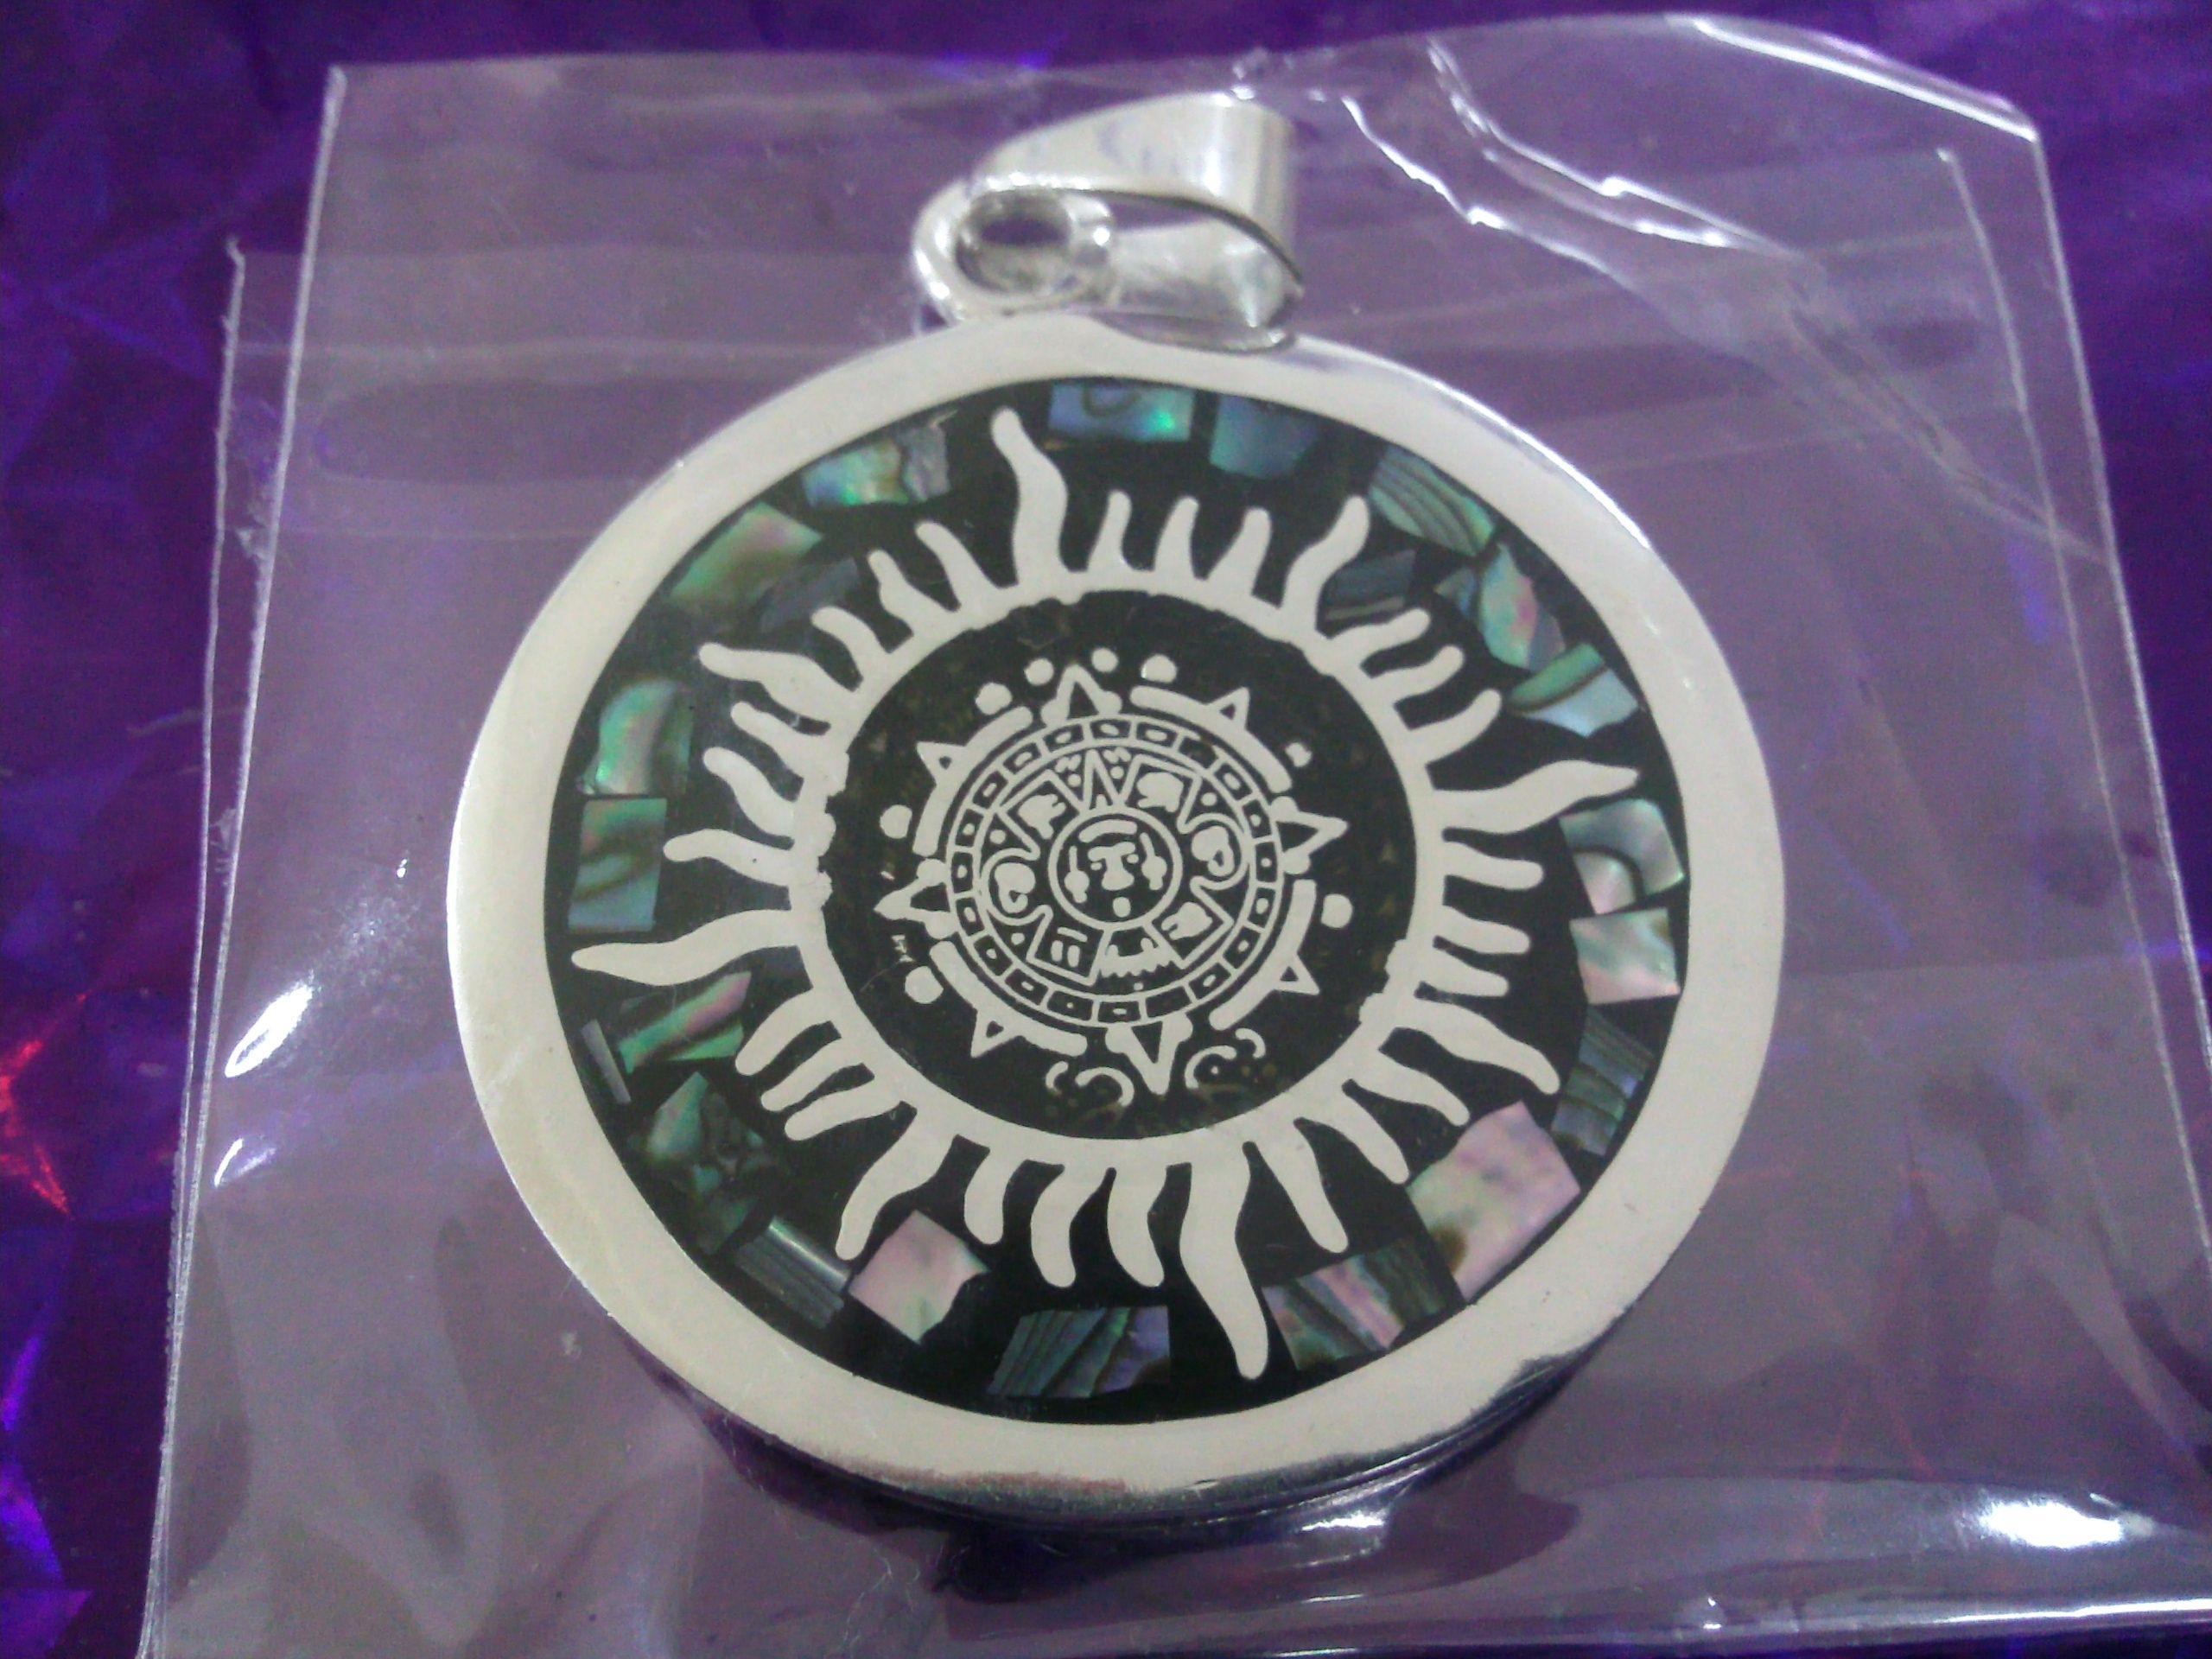 df6b2bb22274 ... ofreciendo la elaboración de joyas artesanales en alpaca enfocadas a la  cultura azteca. También contamos con plata